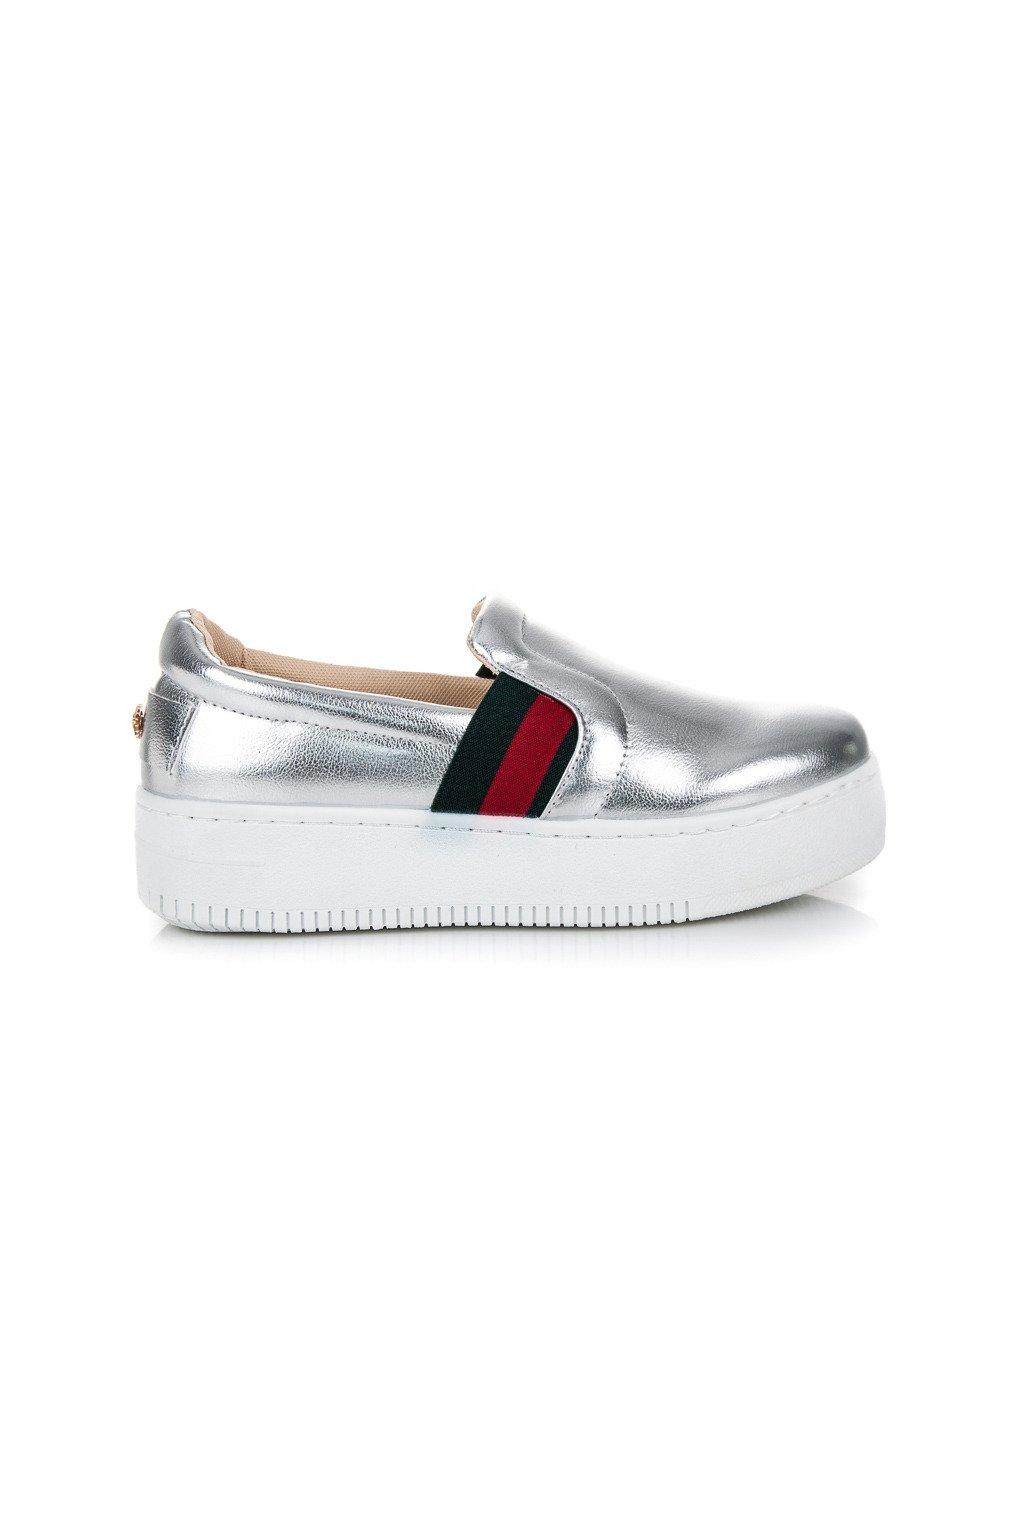 68d32edf7f Dámska členková obuv